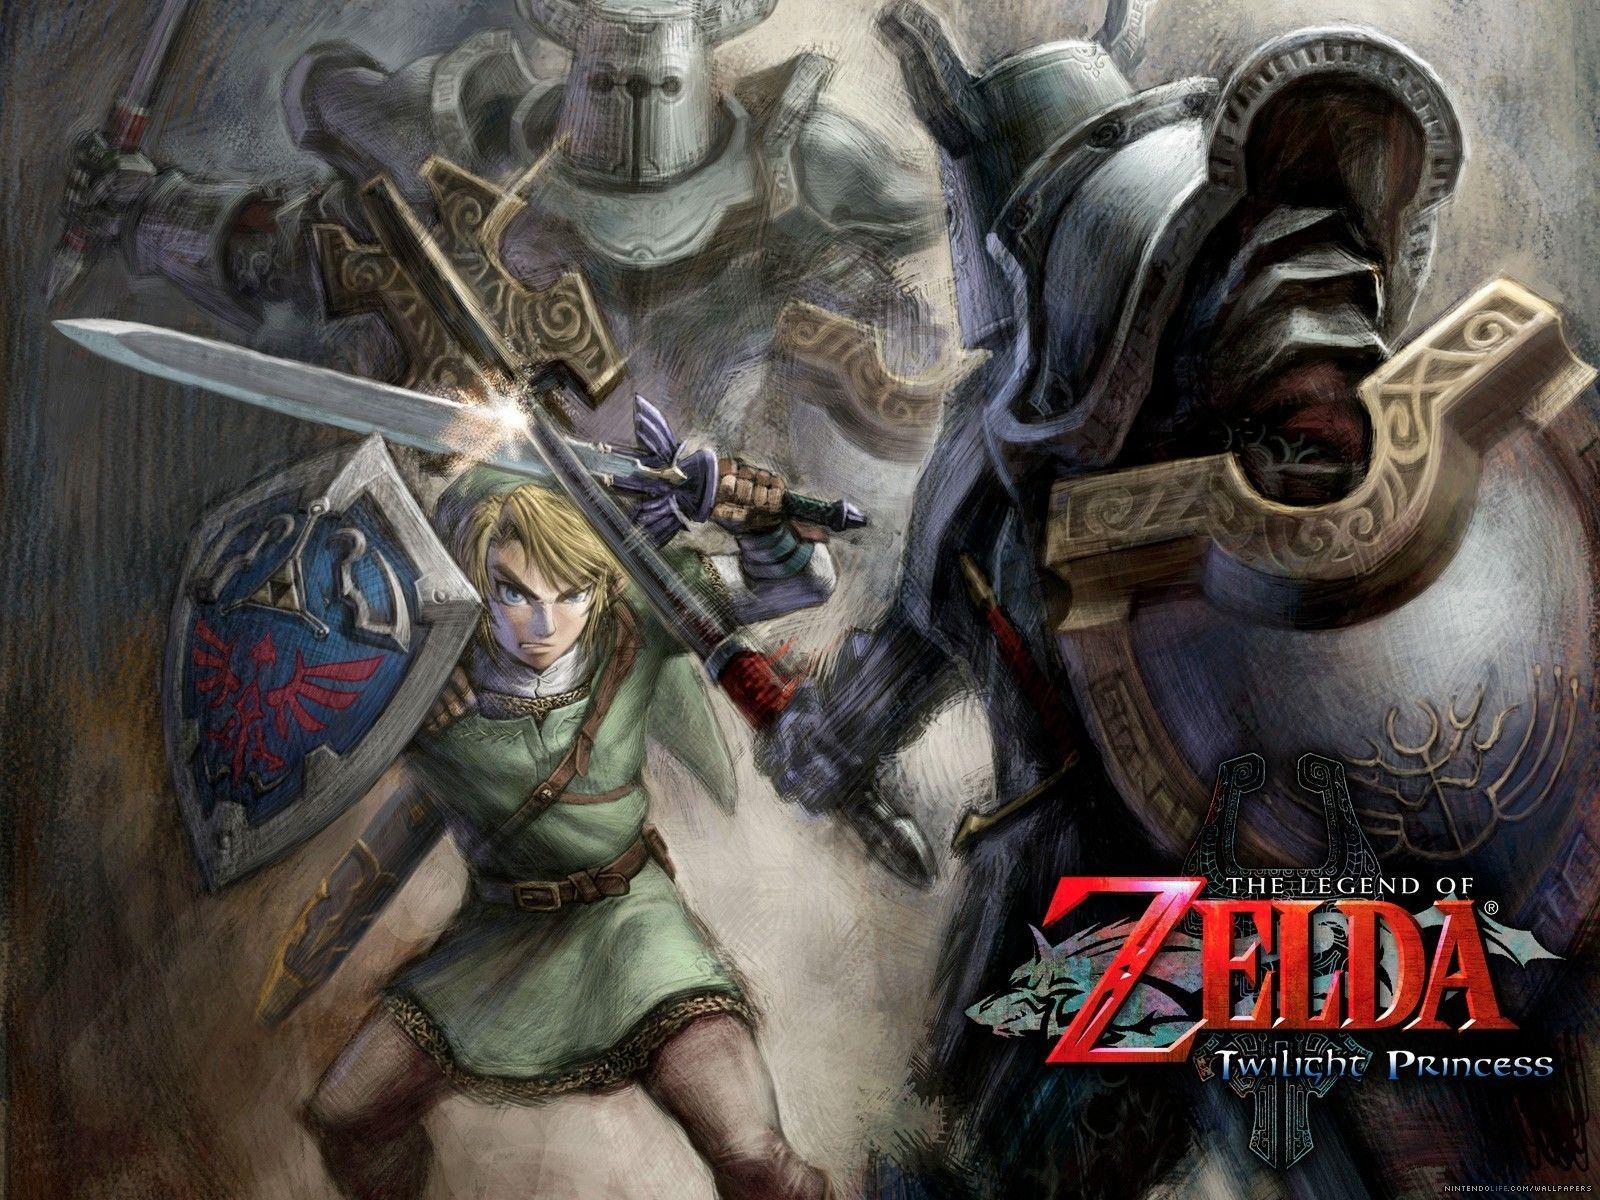 legend-of-zelda-wallpaper-the-legend-of-zelda-5433362-1600-1200